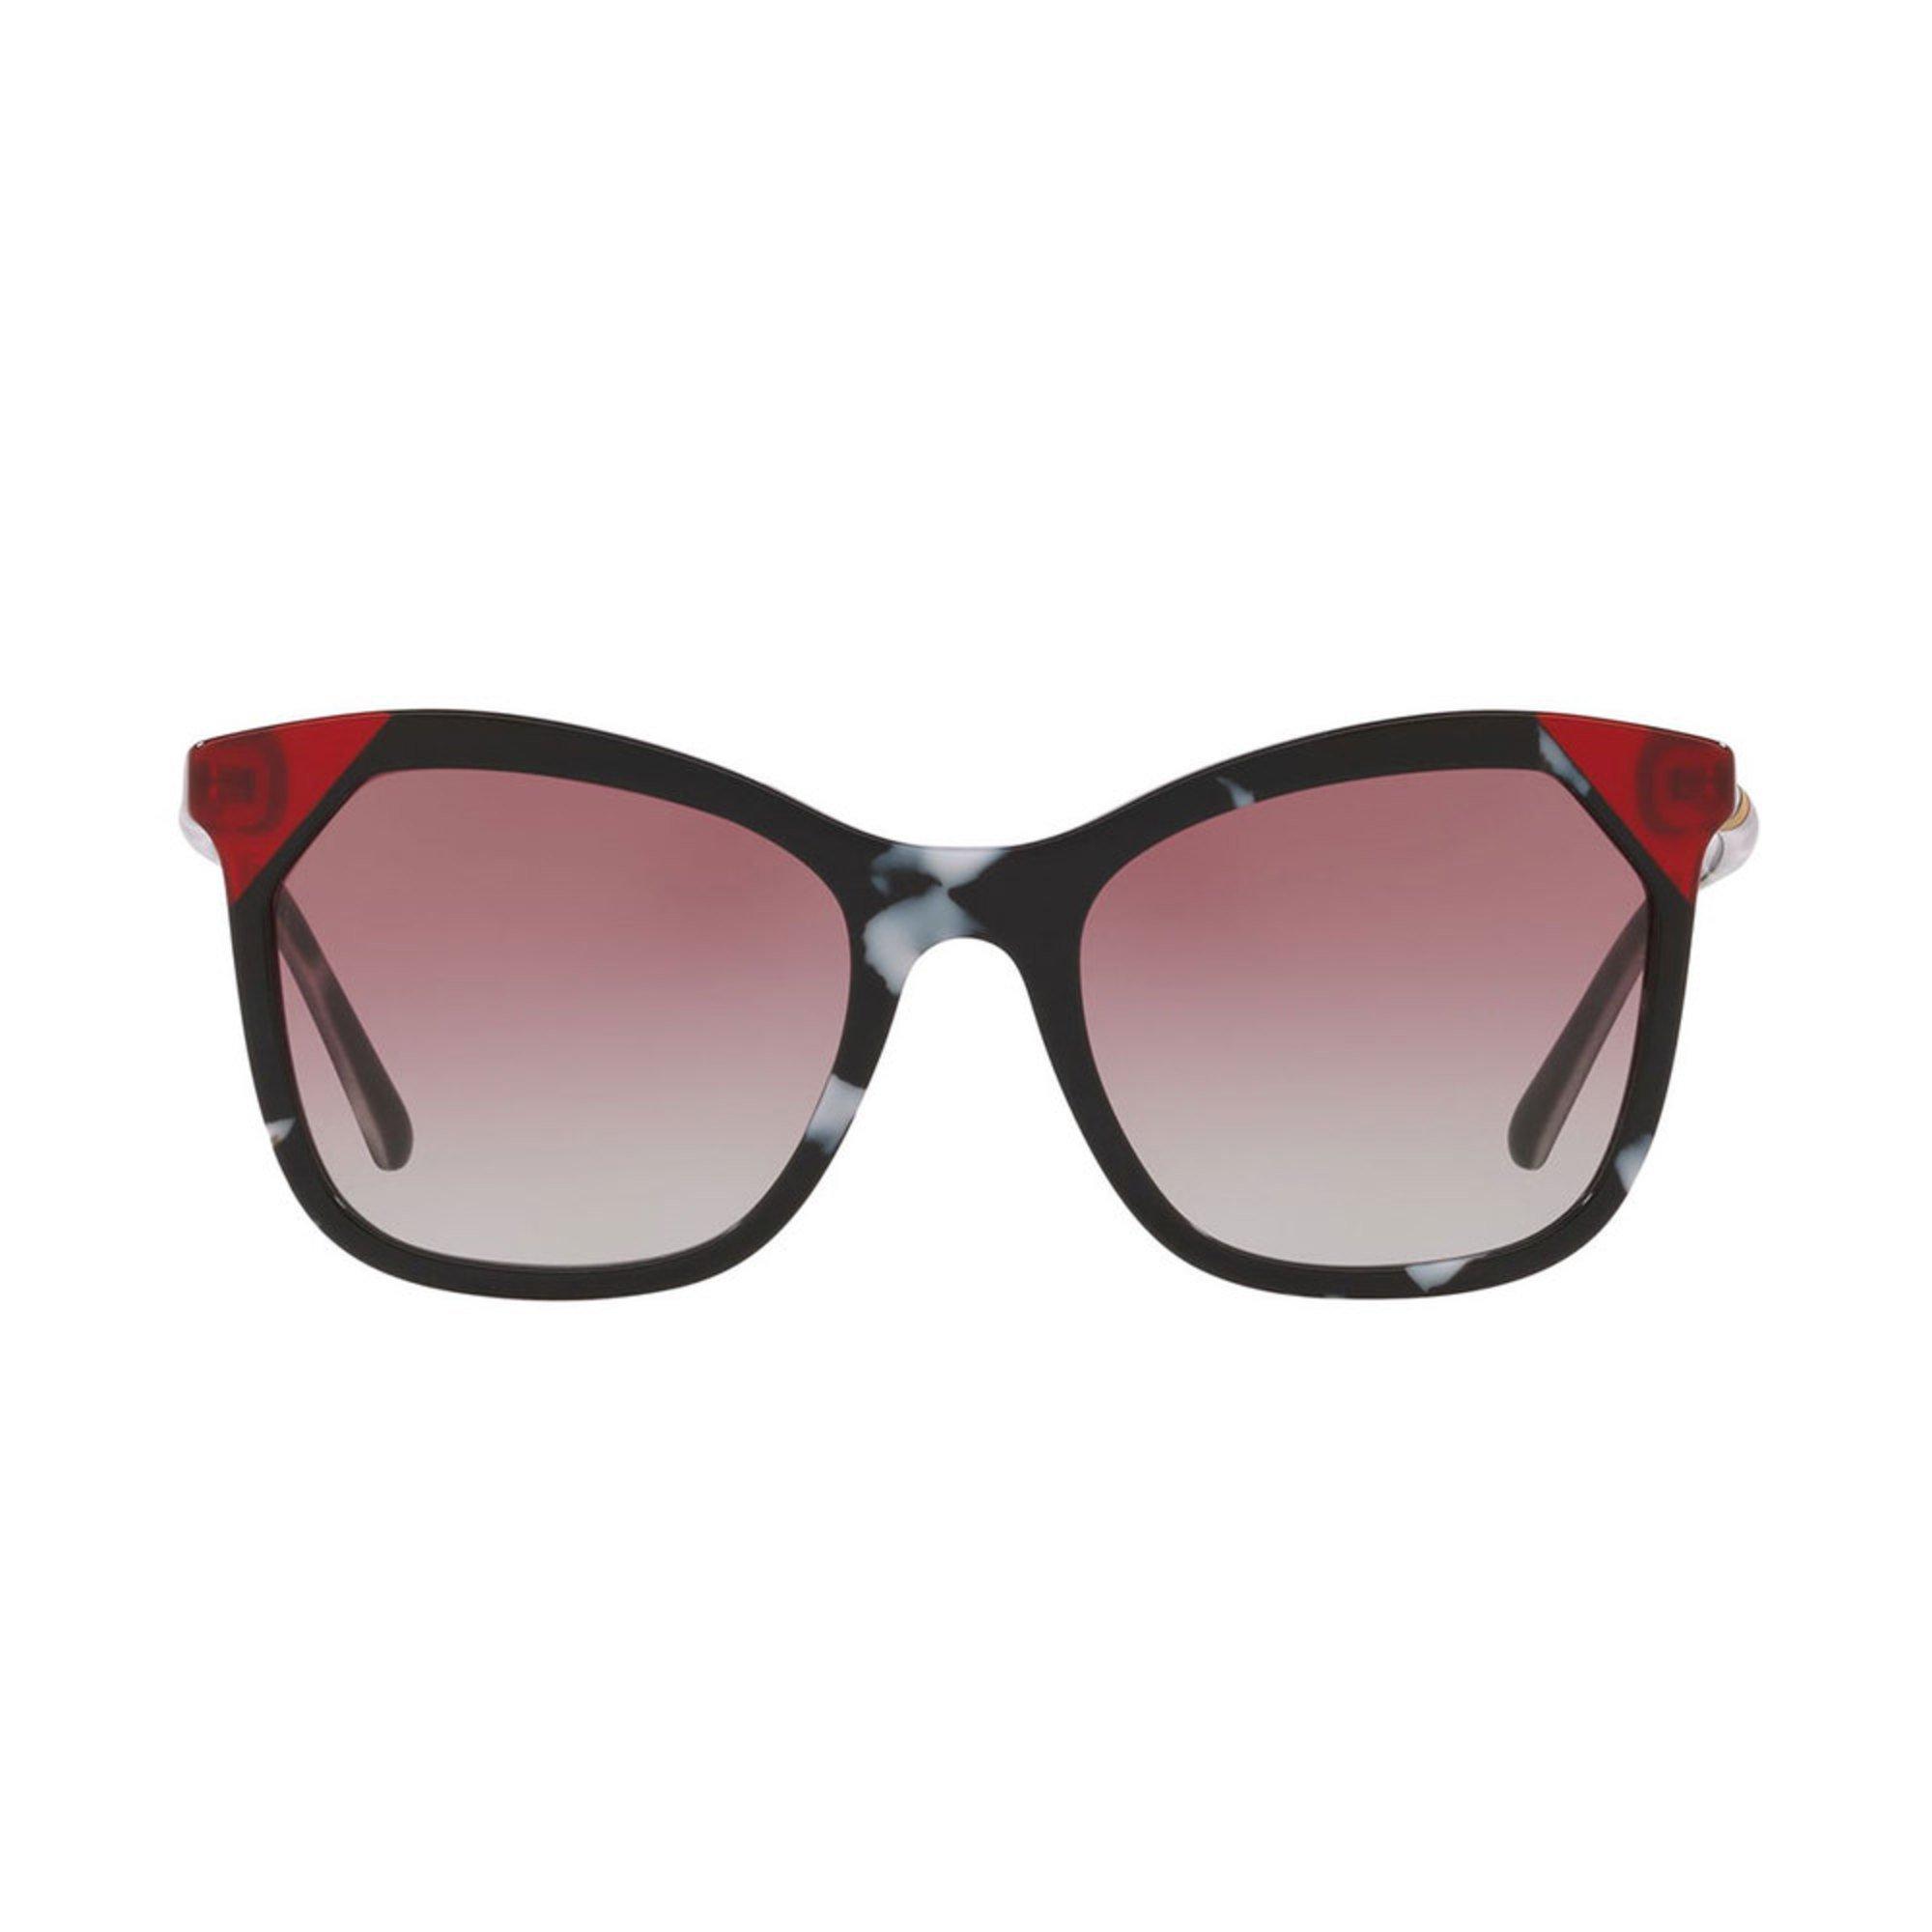 515a2f2b65d2 Burberry. Burberry Women s Square Sunglasses